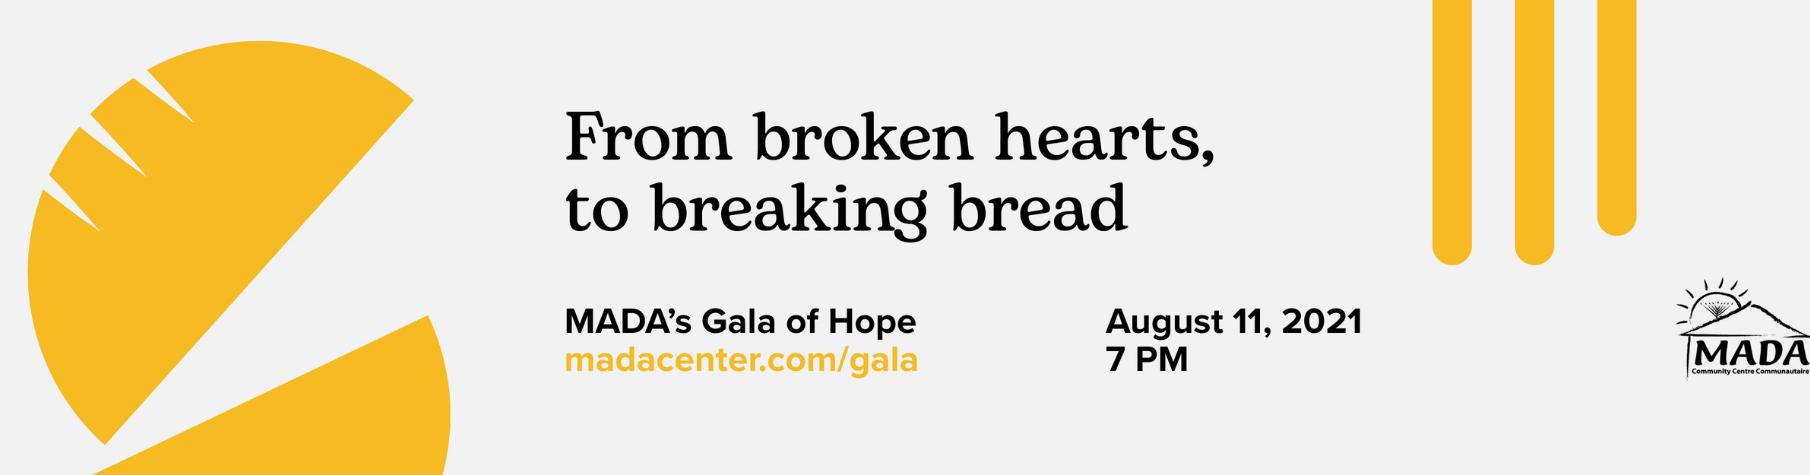 Join us virtually at MADA's Gala of Hope